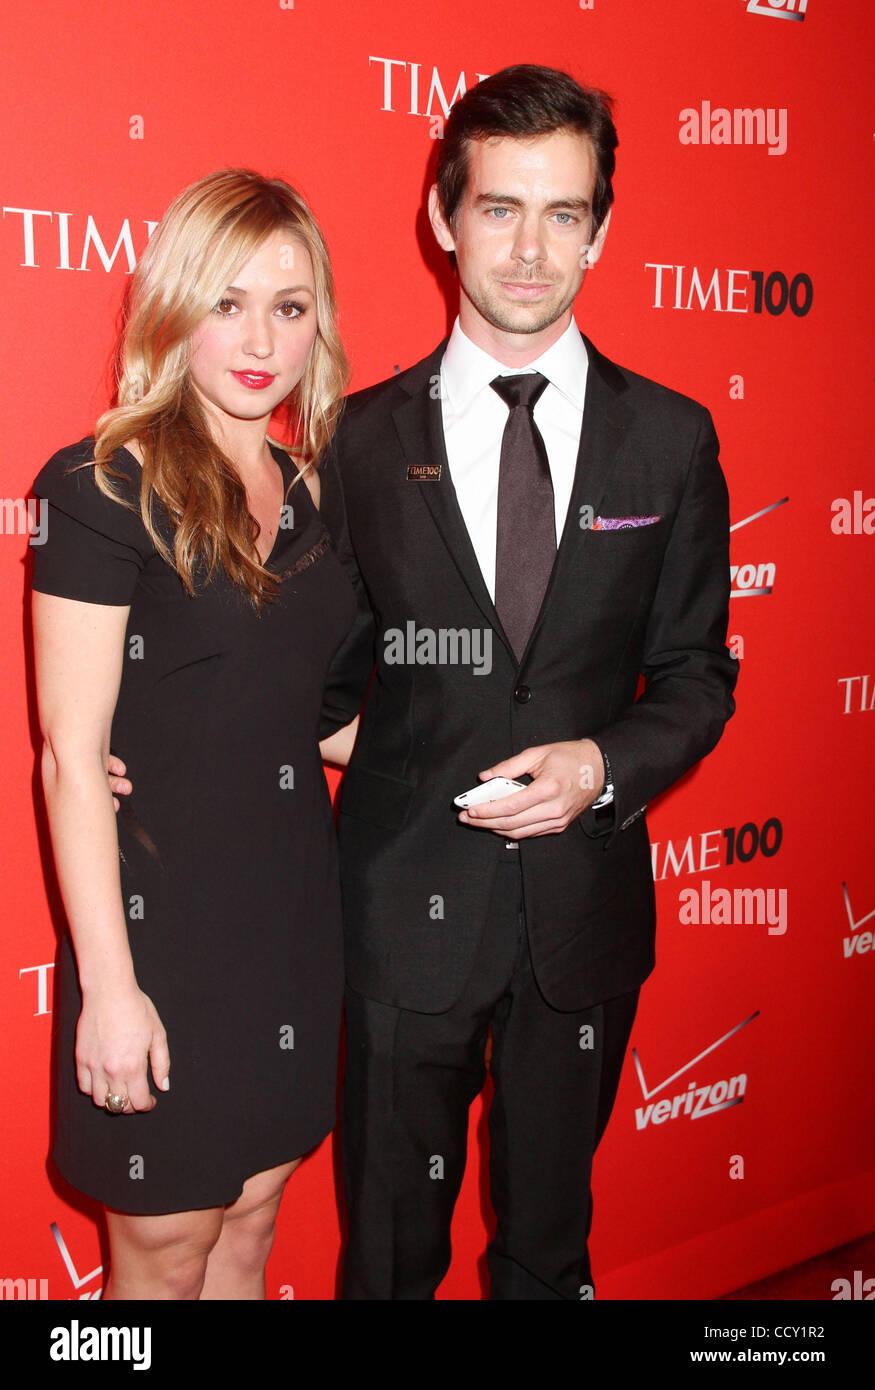 Twitter Schopfer Jack Dorsey Und Kate Greer 2010 Time 100 Besuchen Statt Gala Im Time Warner Center Stockfotografie Alamy